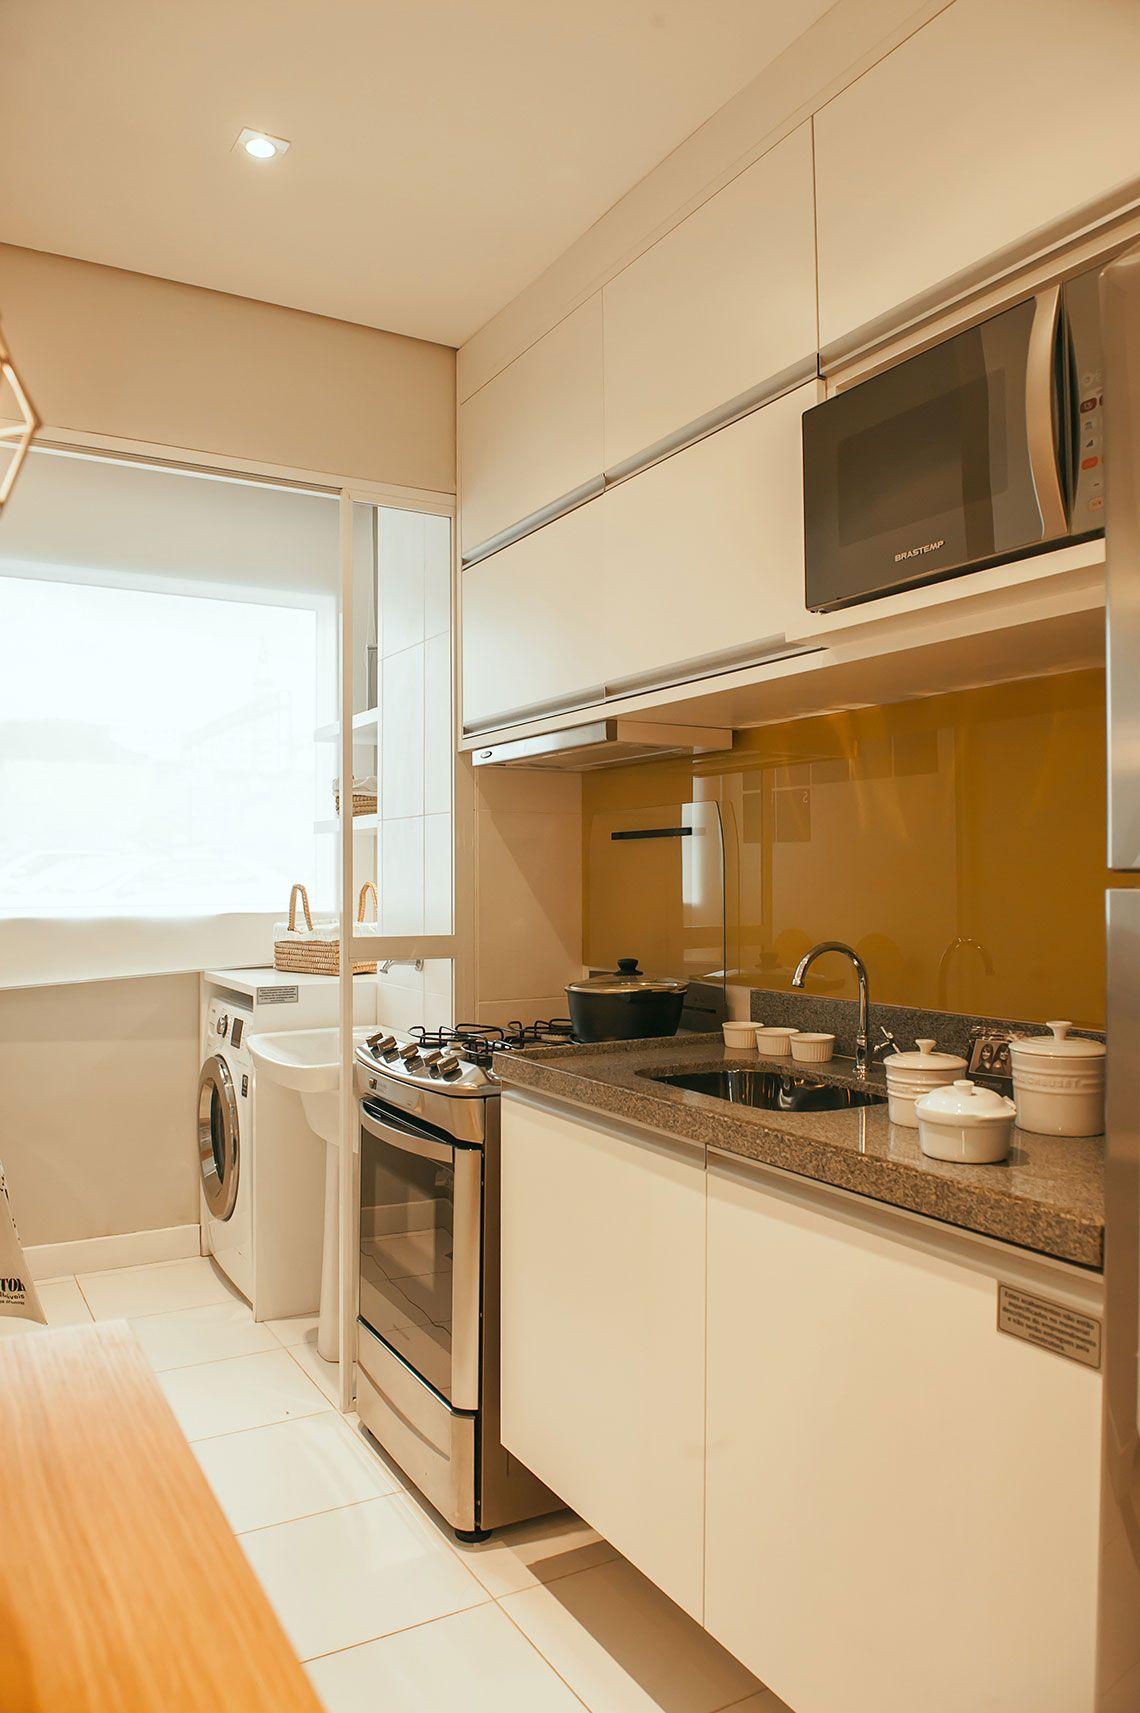 Cozinha e lavanderia apartamentos pequenos 33 m2 mrv for Cocinas modernas apartamentos pequenos